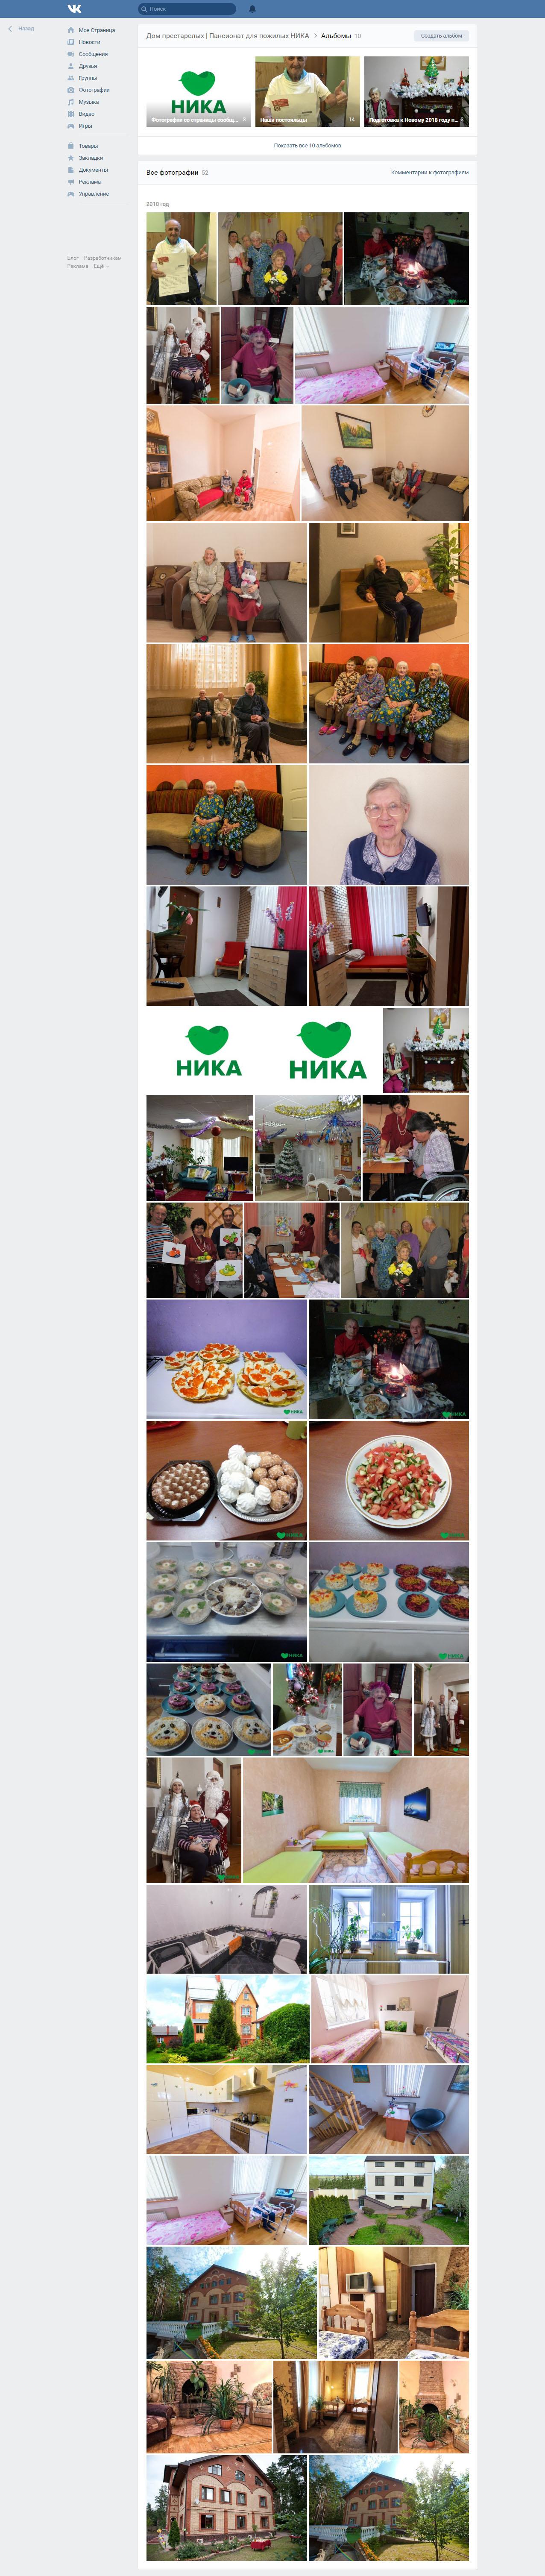 Продвижение Вконтакте сети домов престарелых